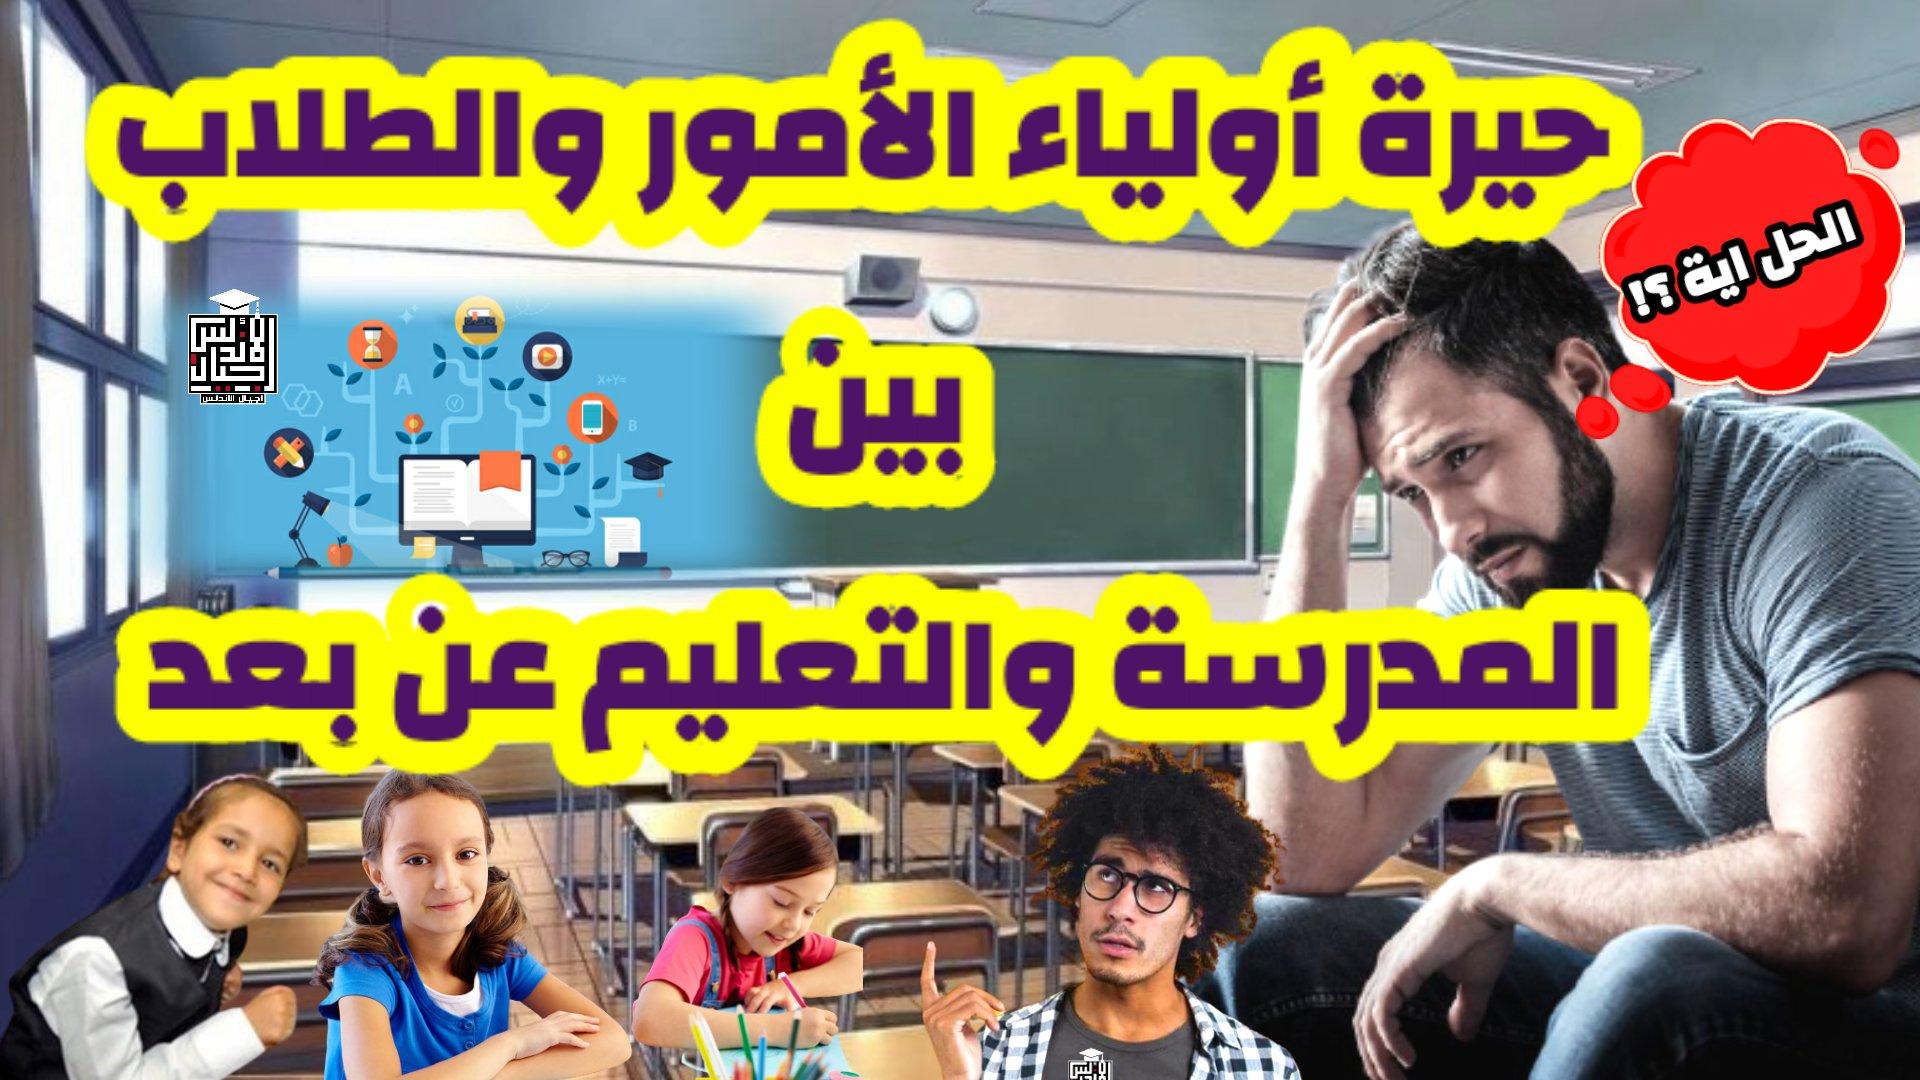 حيرة اولياء الامور والطلاب بين المدرسه والتعليم عن بعد وتقديم الحل